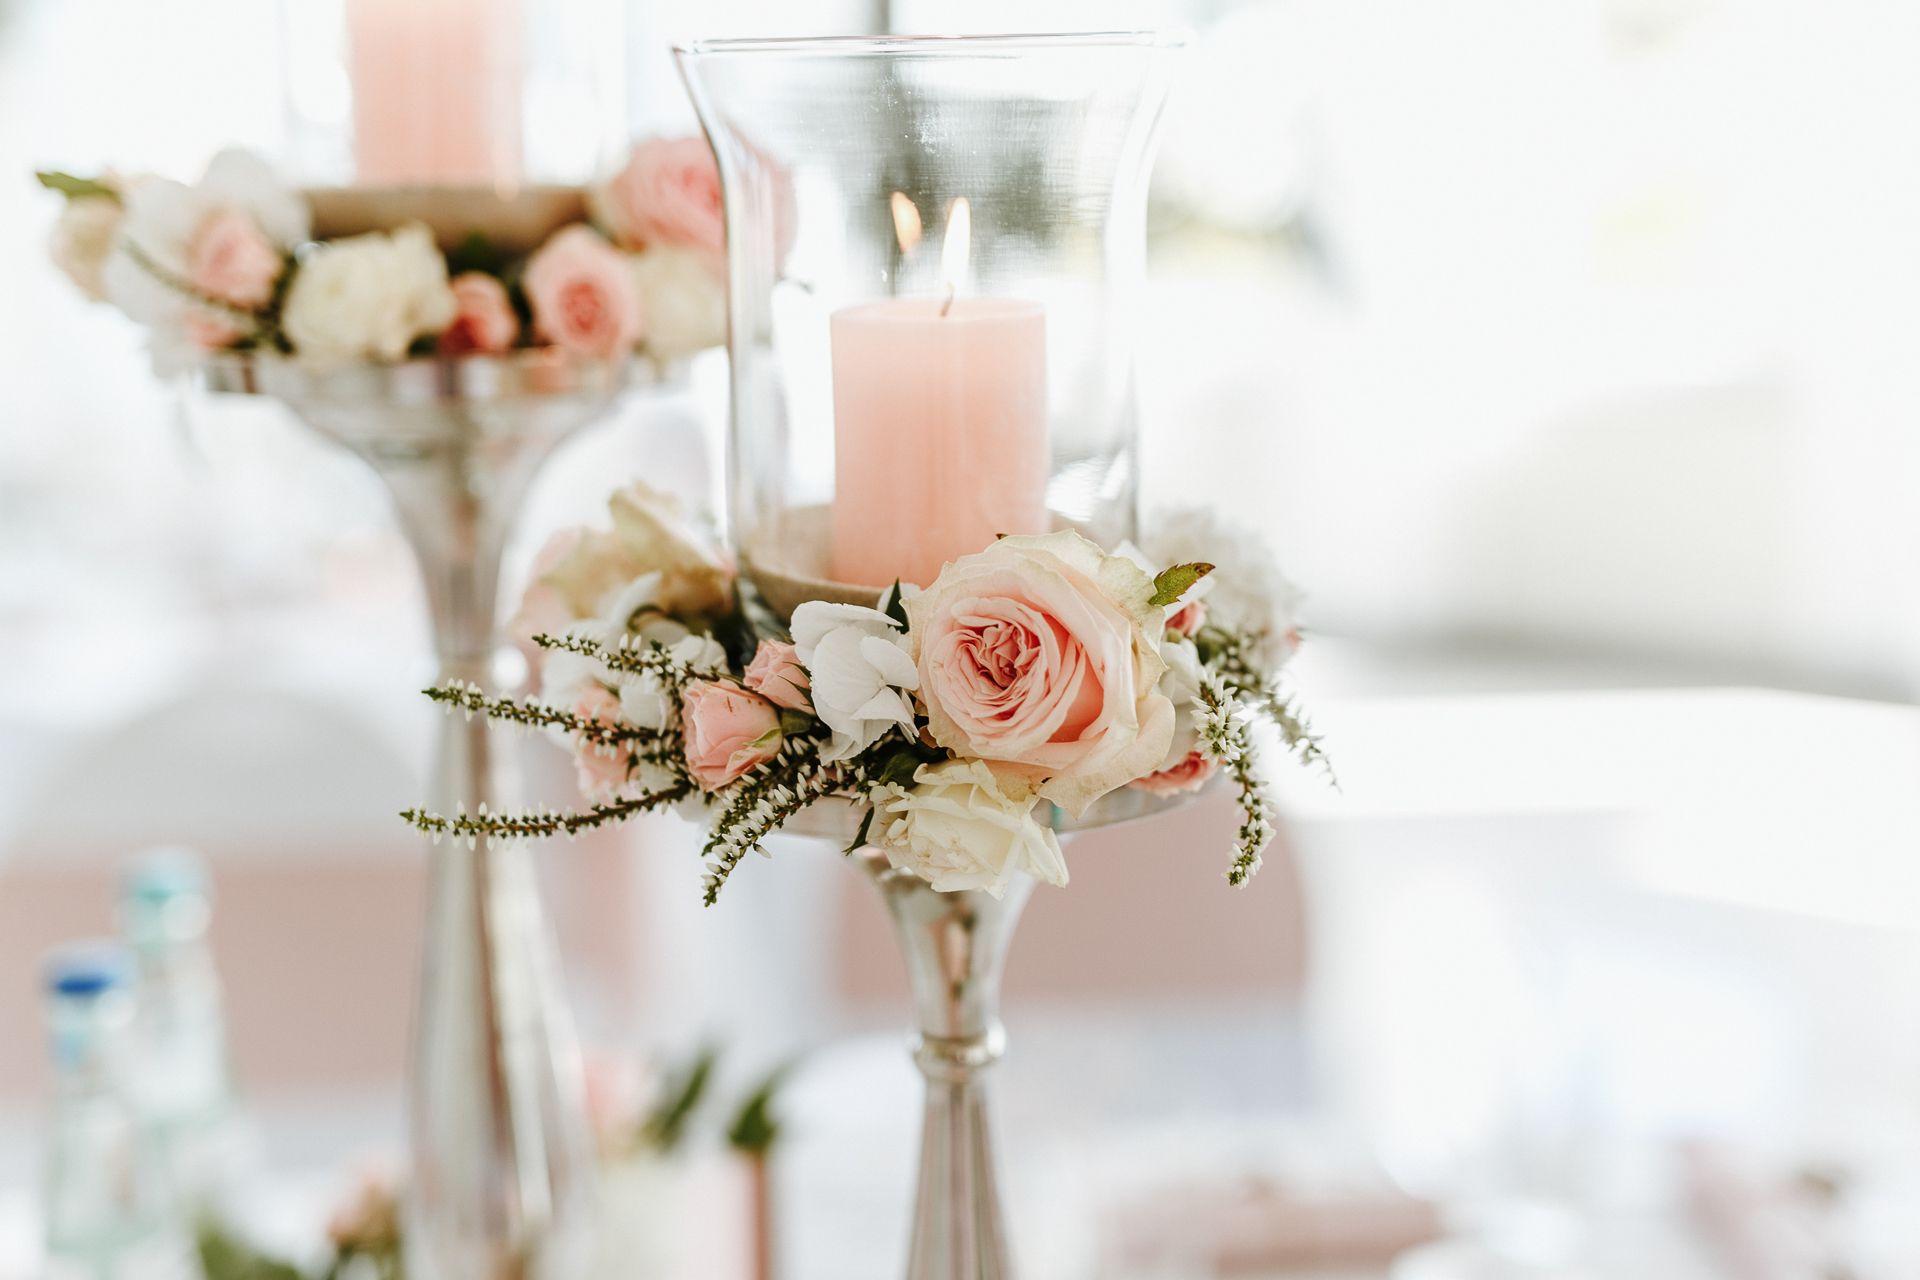 Hochzeit Im Kloster Altenberg Und Hochzeitsfeier Blattform Wetzlar Hochzeit Hochzeitsfeier Prinzessin Hochzeit